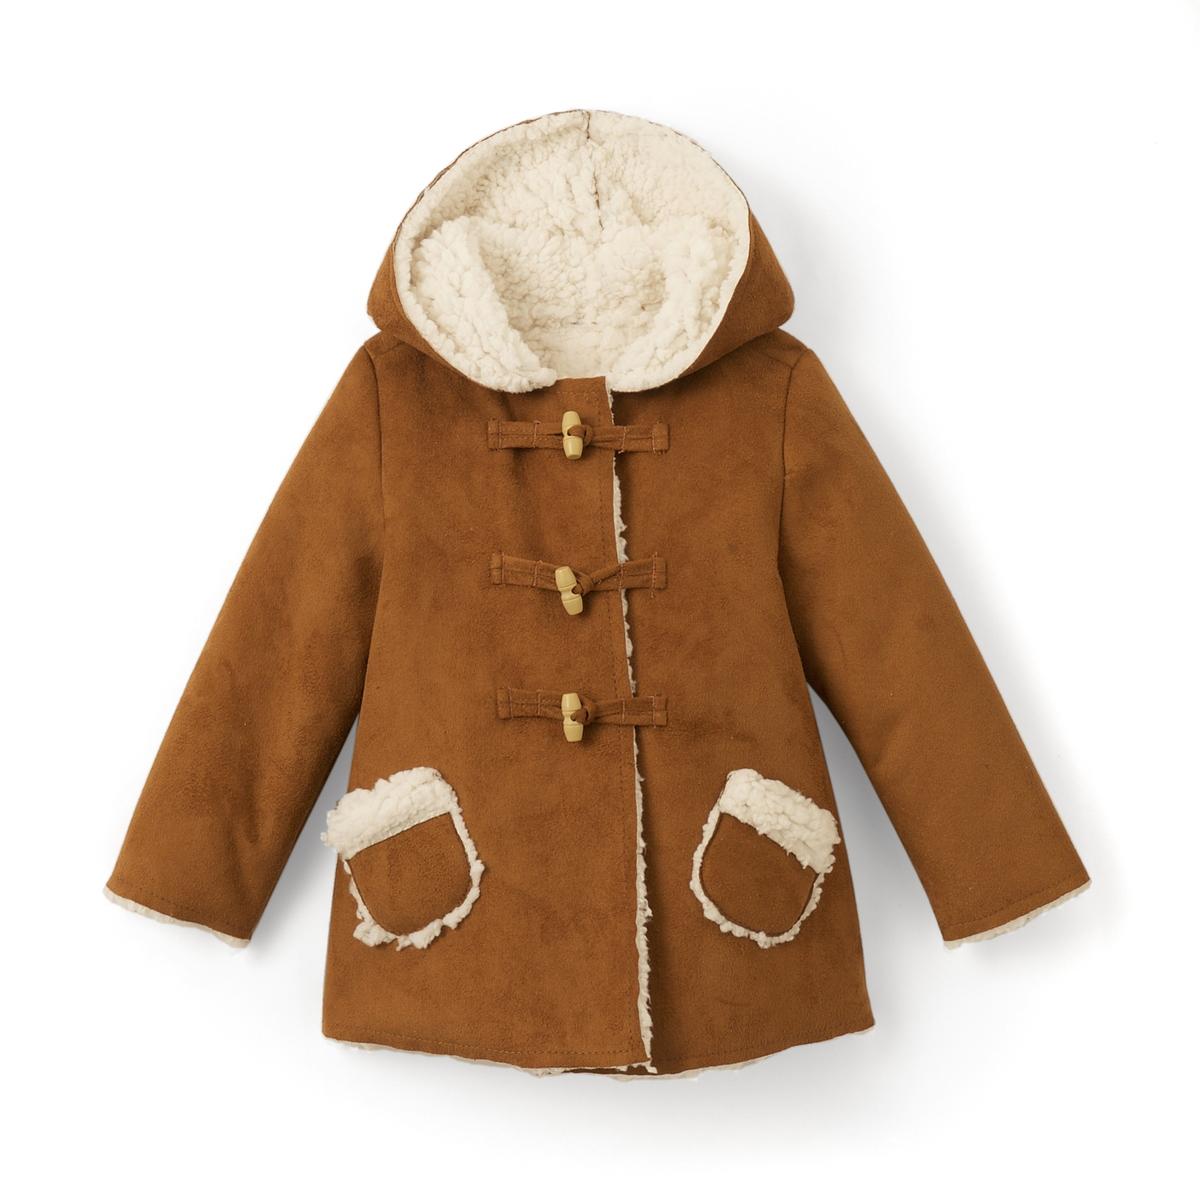 Пальто с искусственным мехом 1 мес - 3 лет пальто оверсайз с искусственным мехом